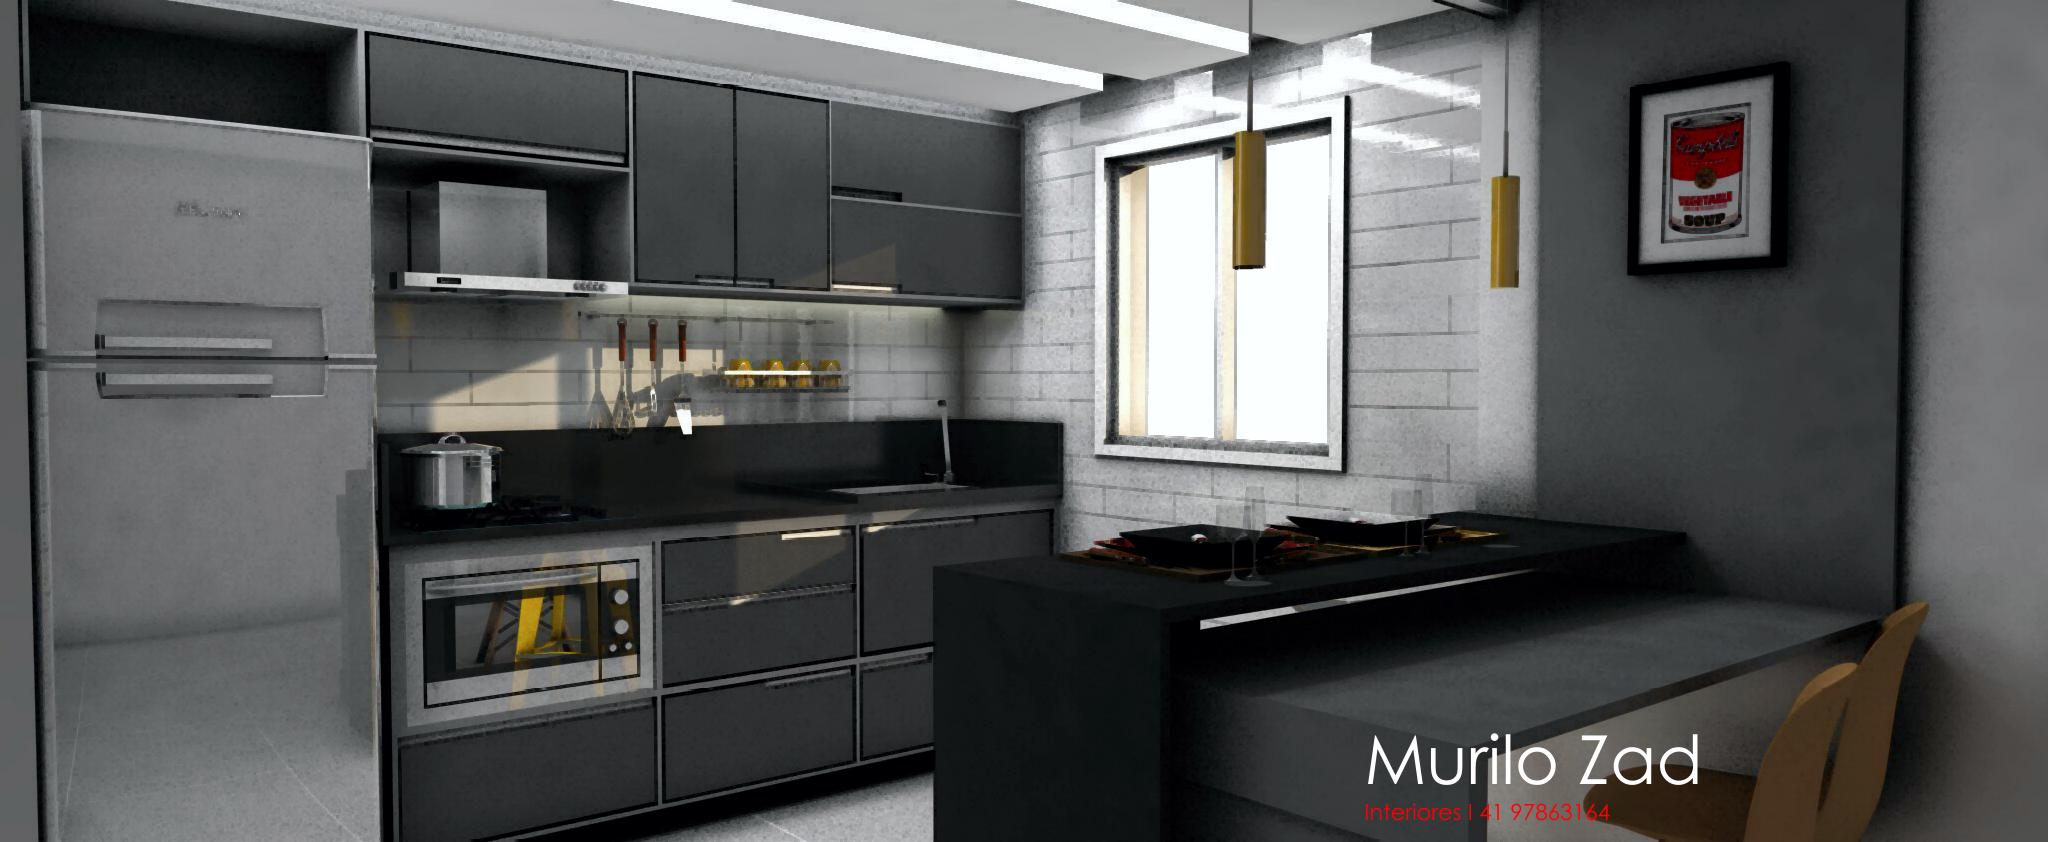 cozinha pequena planejada projetos de cozinhas cozinha moderna cozinha  #663B2A 2048 842